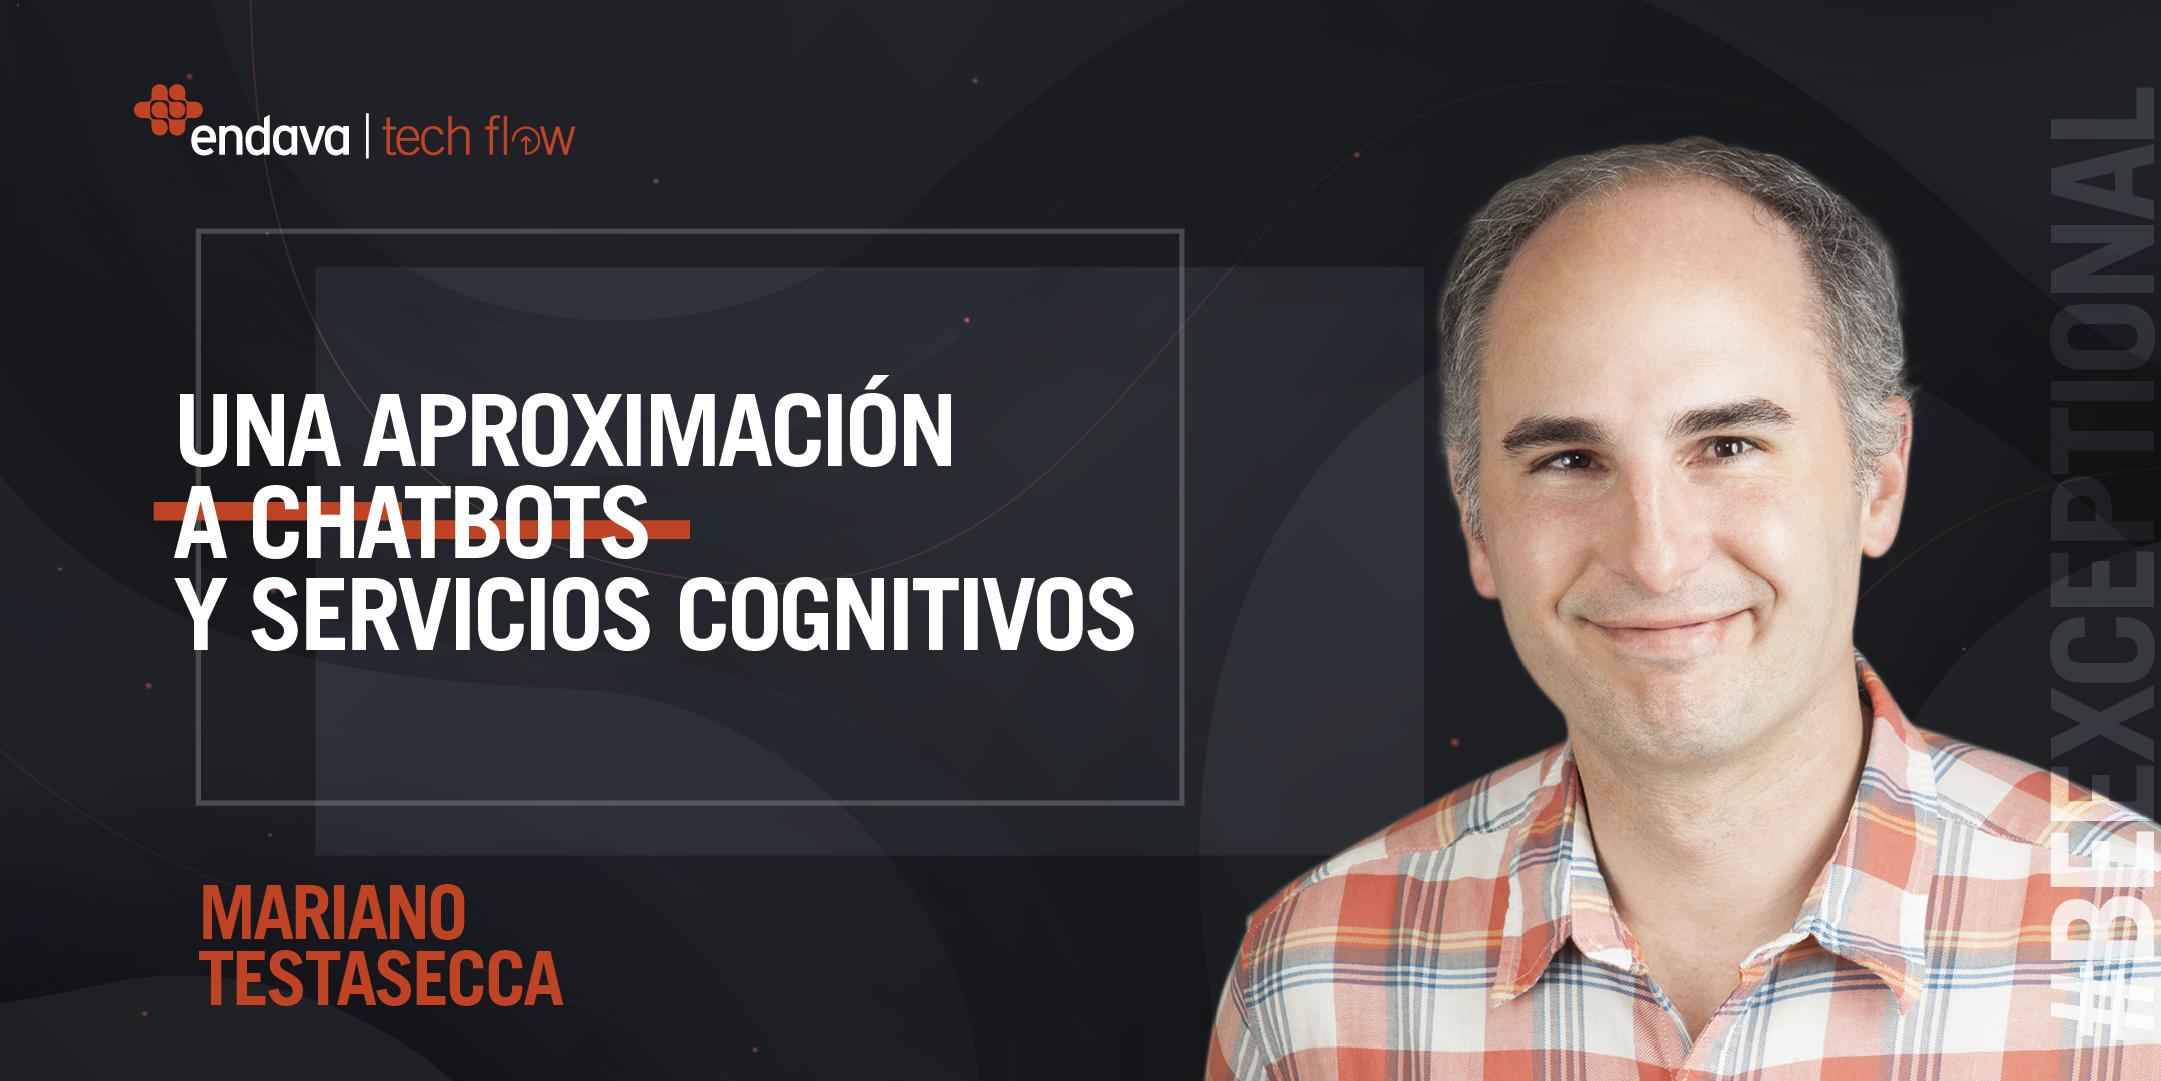 Una aproximación a chatbots y servicios cognitivos. Charla a cargo de Mariano Testasecca.